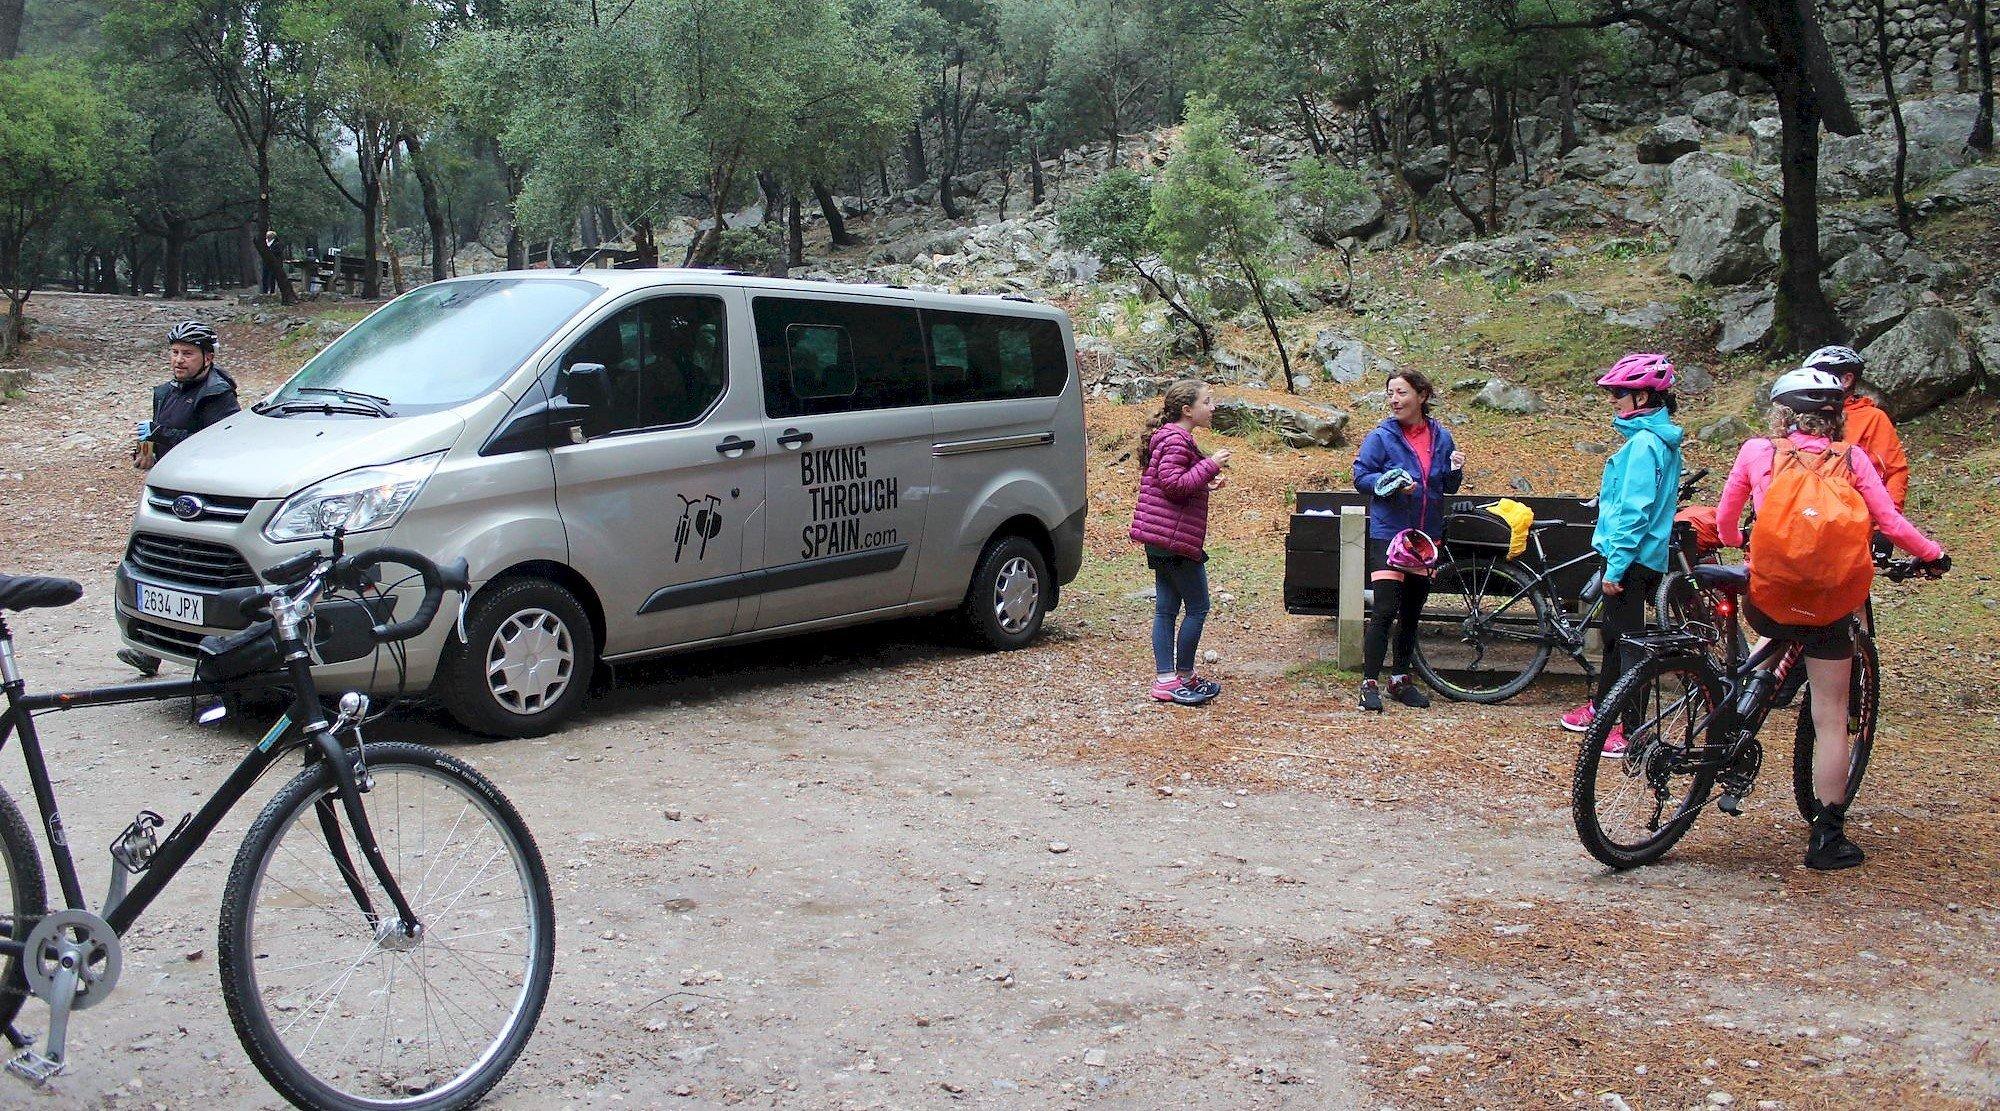 Serra de Tramuntana en bicicleta. Coll de Sa Batalla 2. BICIS EN RUTA. 1170x650